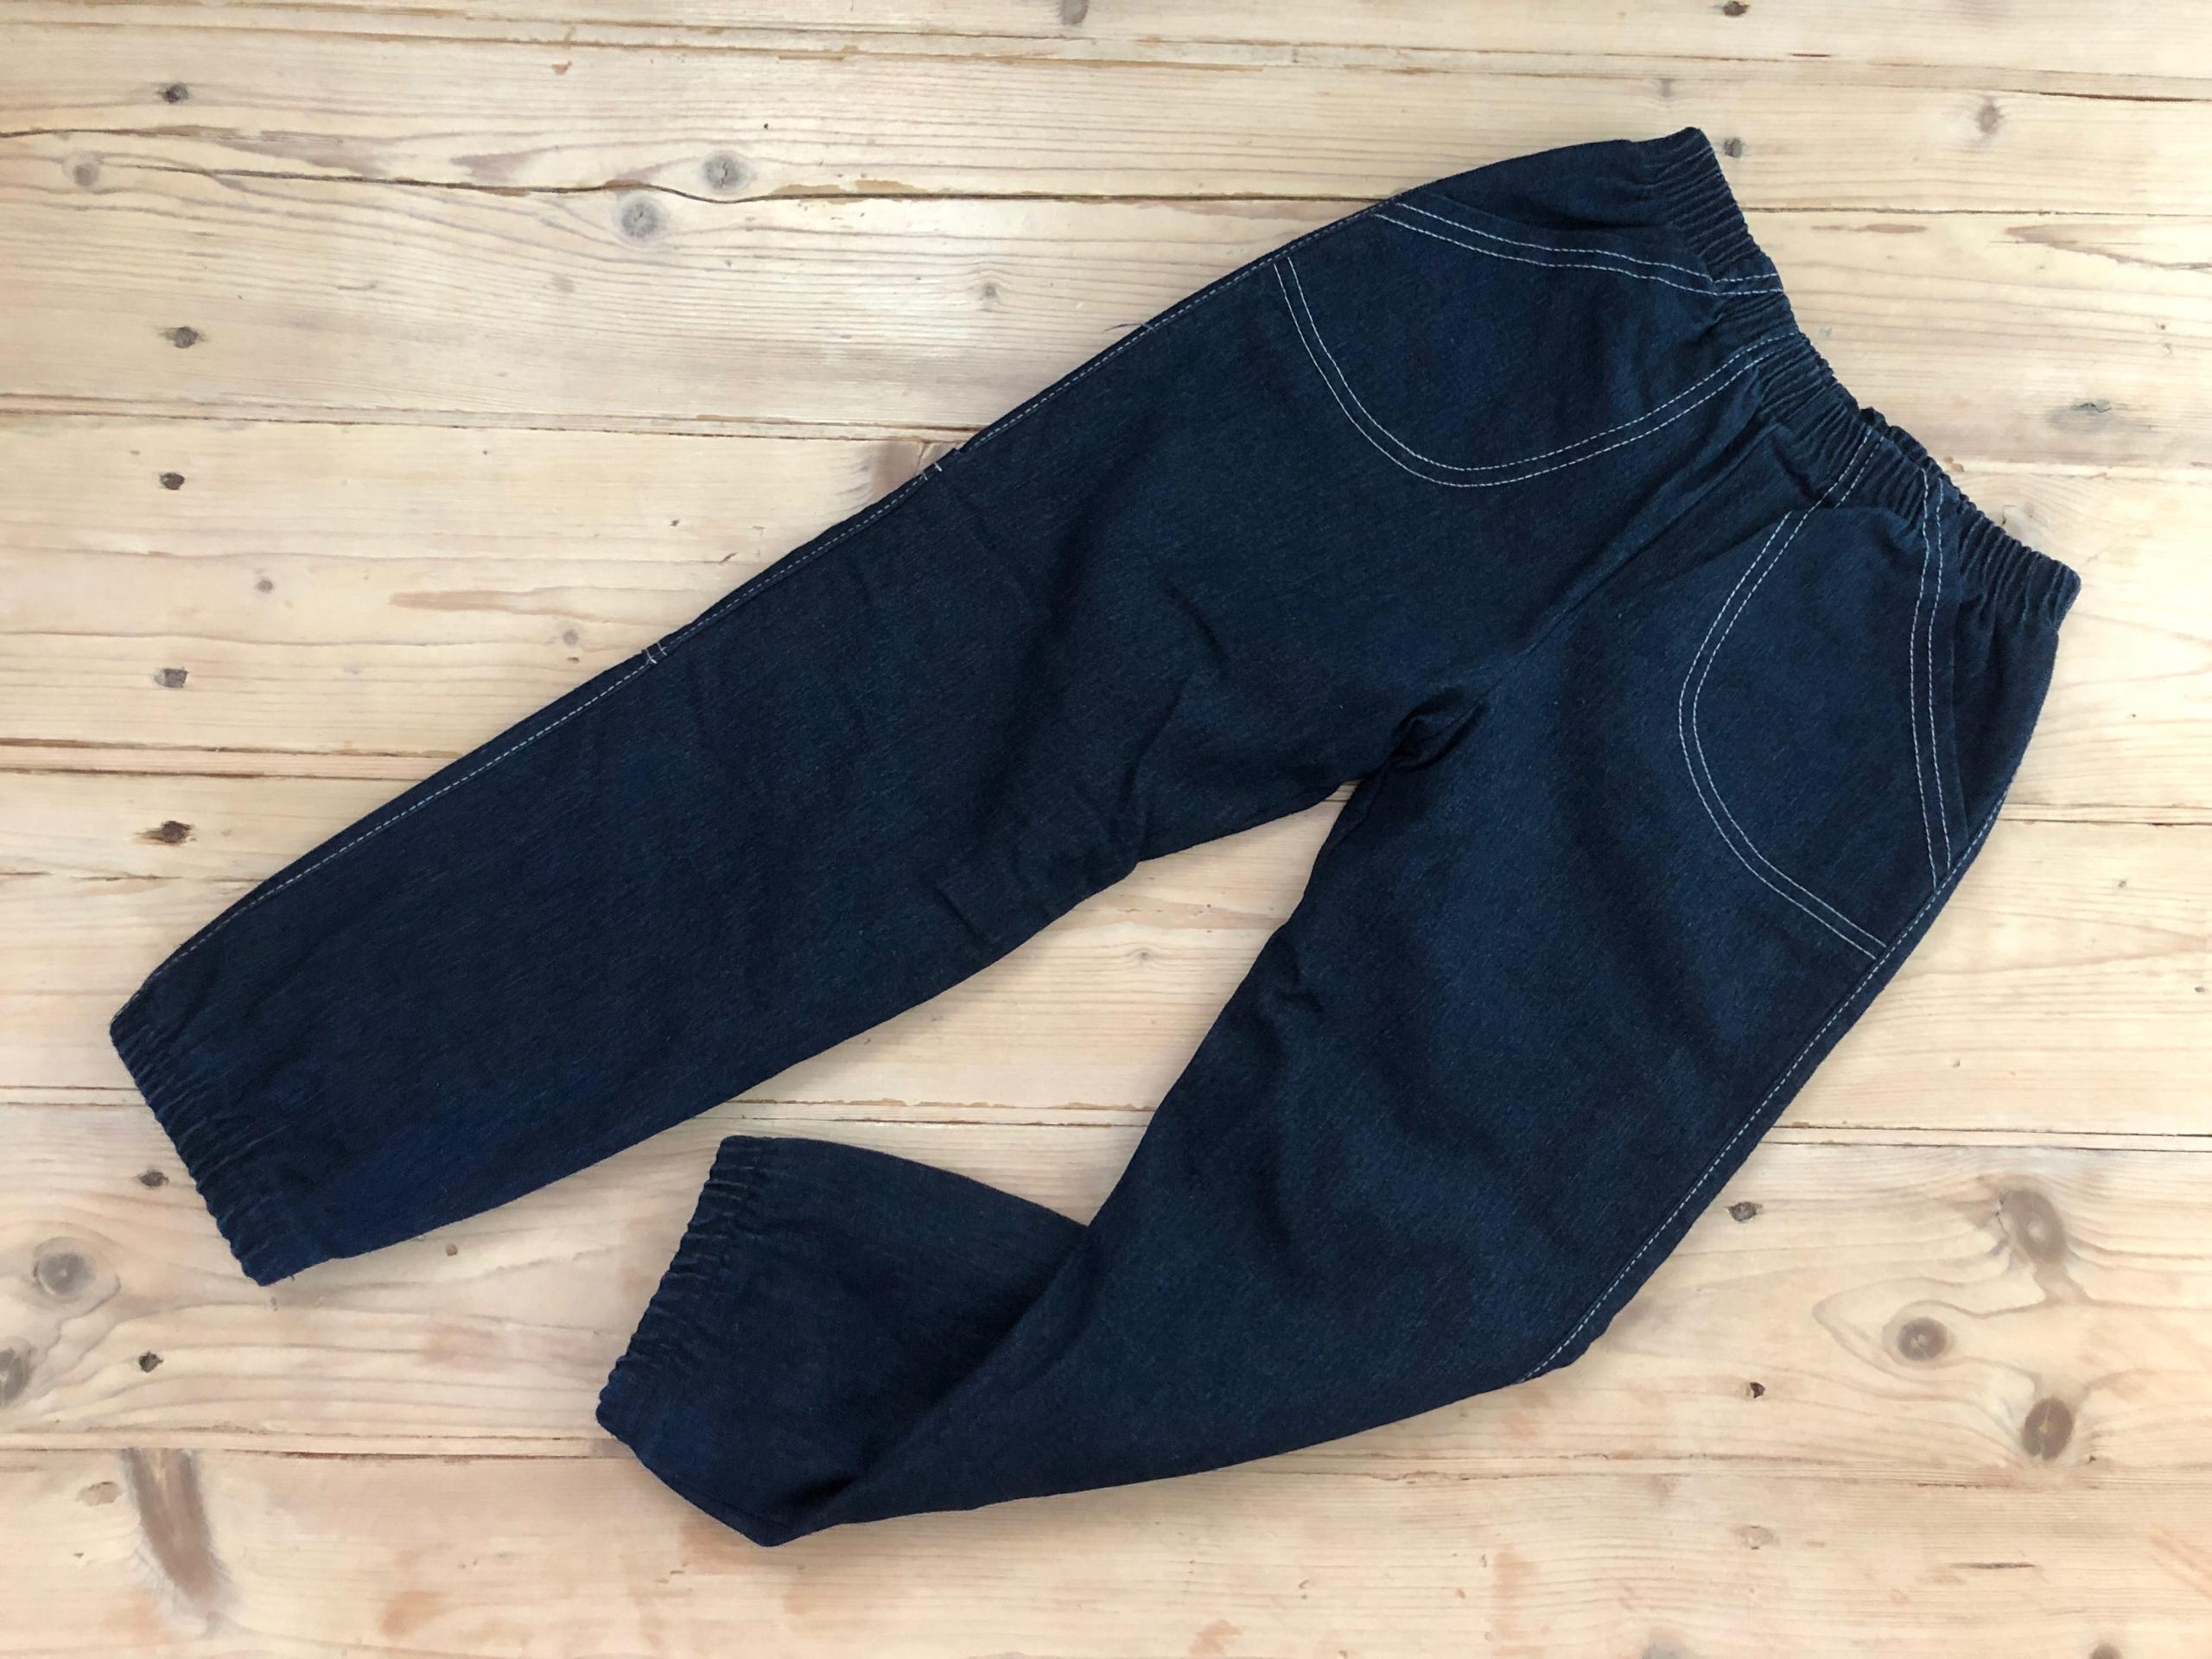 Spodnie ocieplane jeans na polarze = polskie = 128